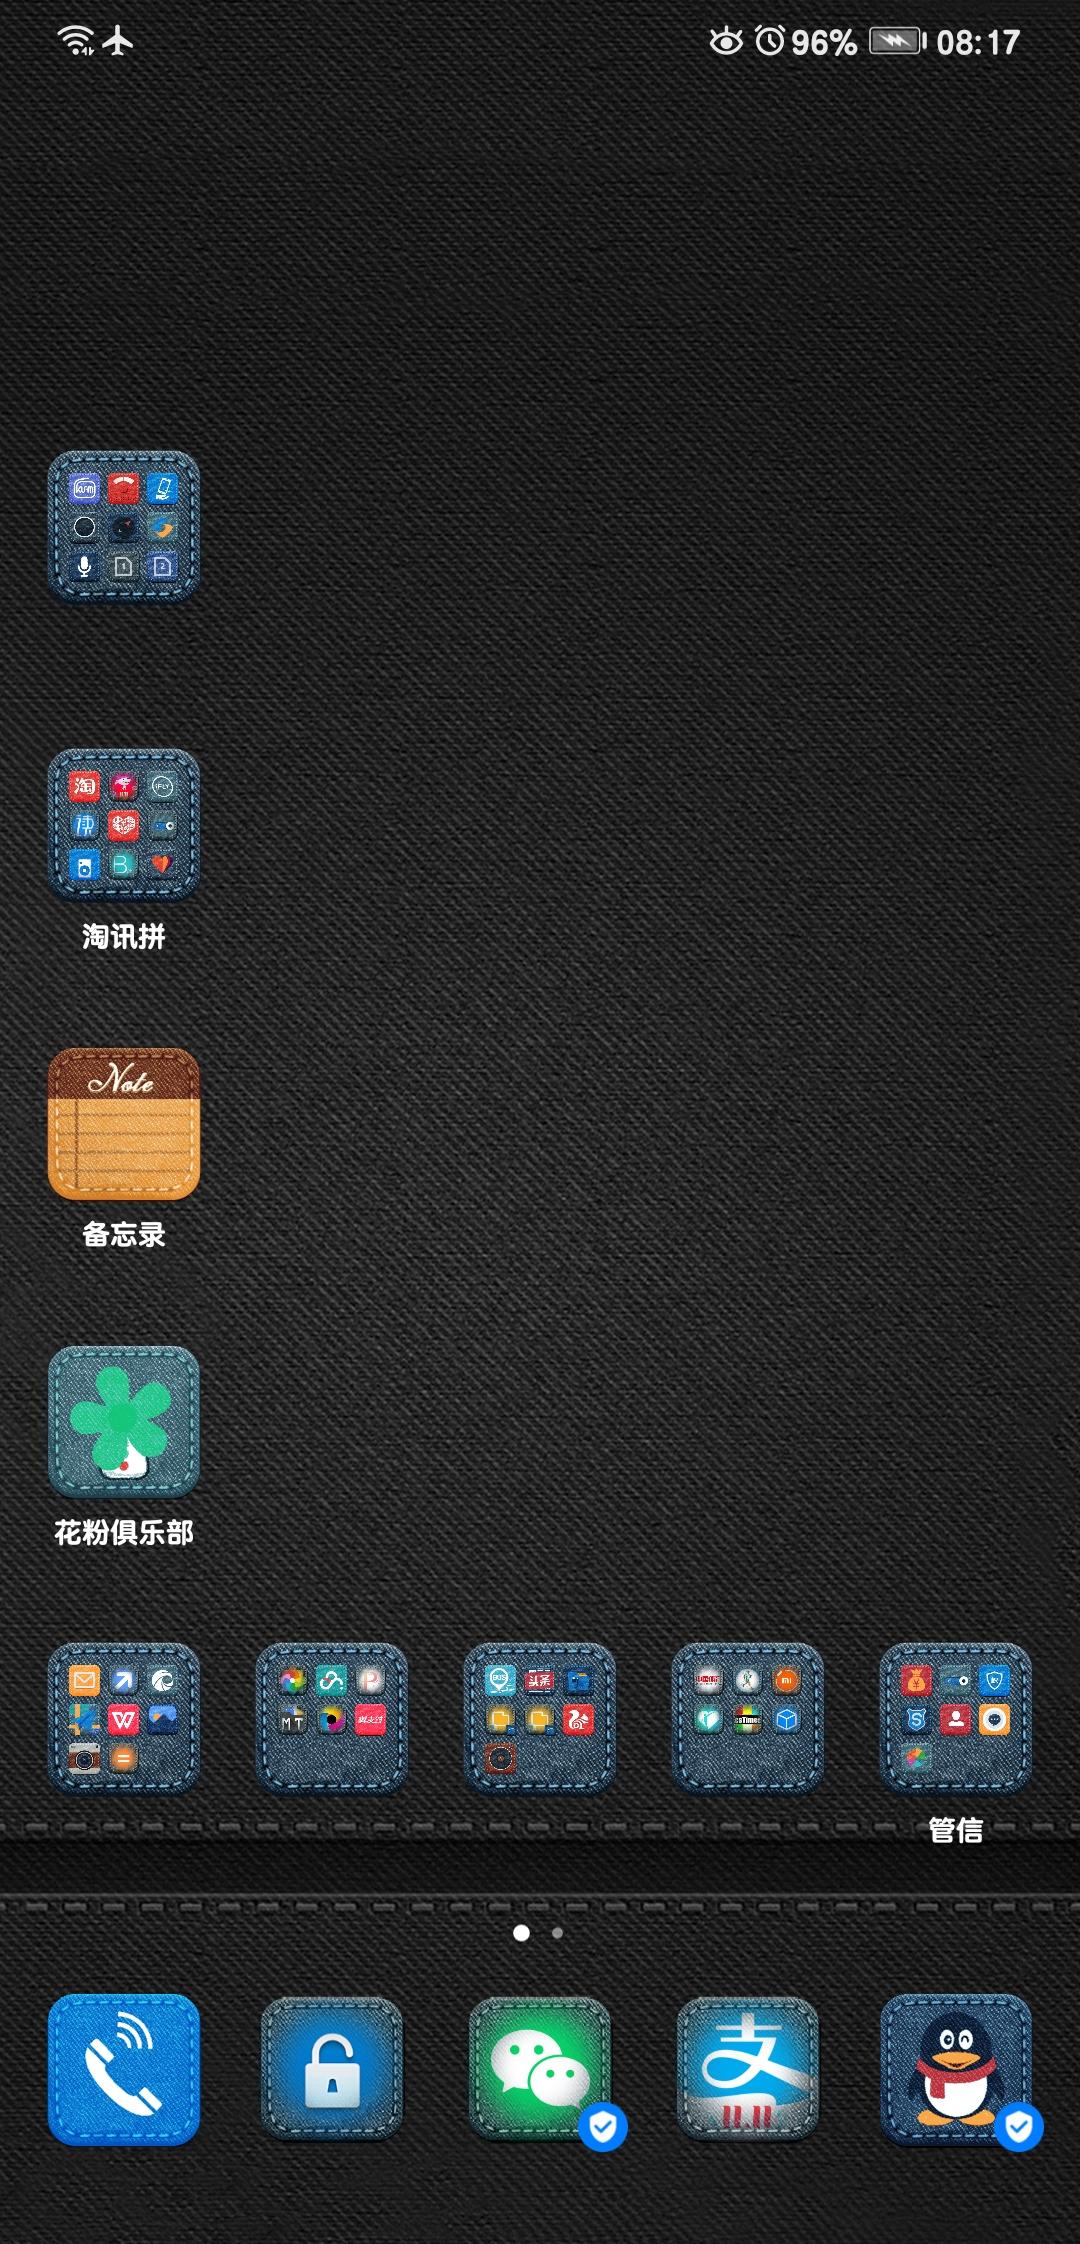 Screenshot_20191108_081730_com.huawei.android.launcher.jpg